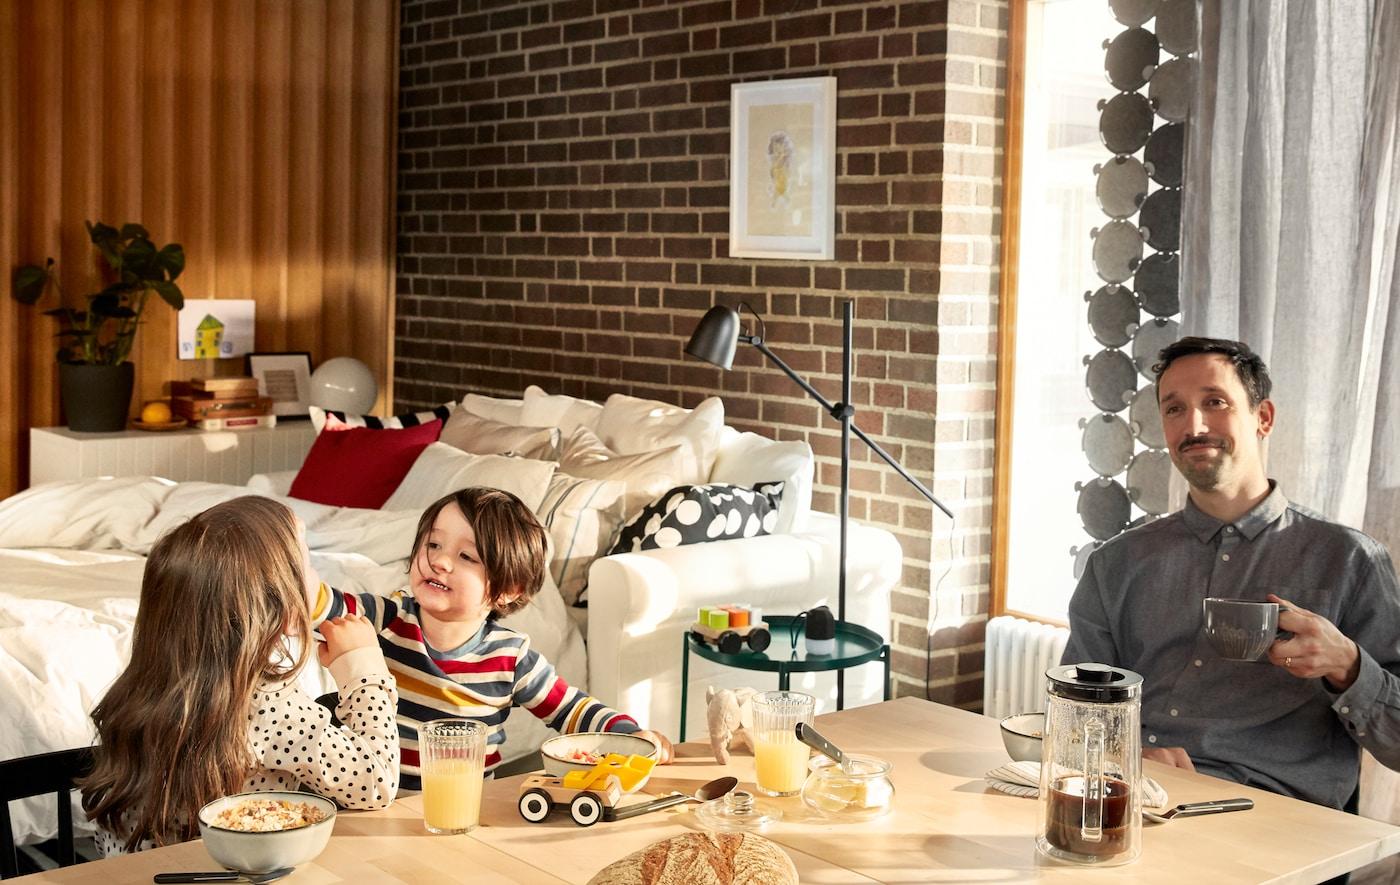 父親が穏やかに朝食のテーブルにつき、コーヒーを飲んでいます。そのかたわらでは2人の子どもたちが食べながら遊んでいます。